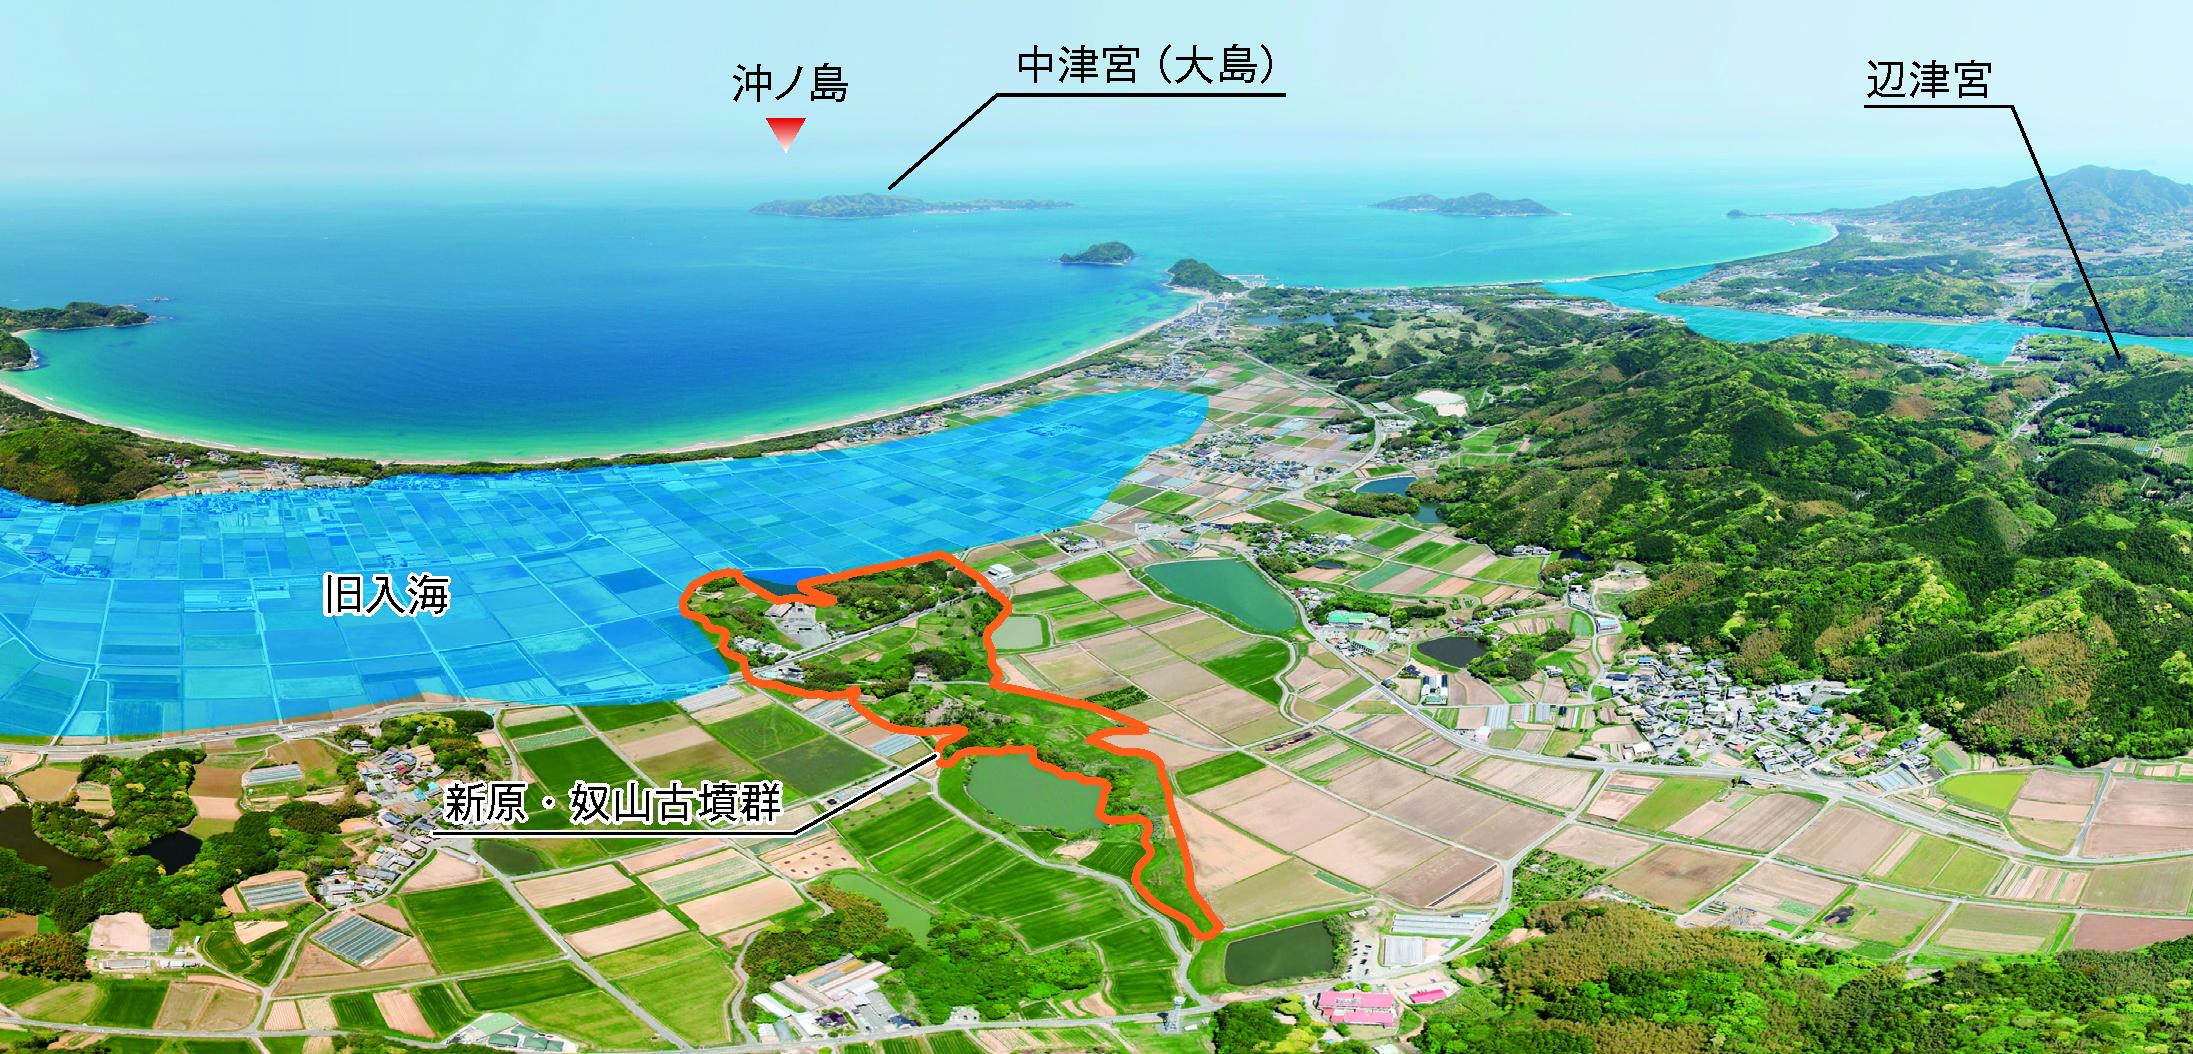 「神宿る島」宗像・沖ノ島と関連遺産群の画像 p1_34